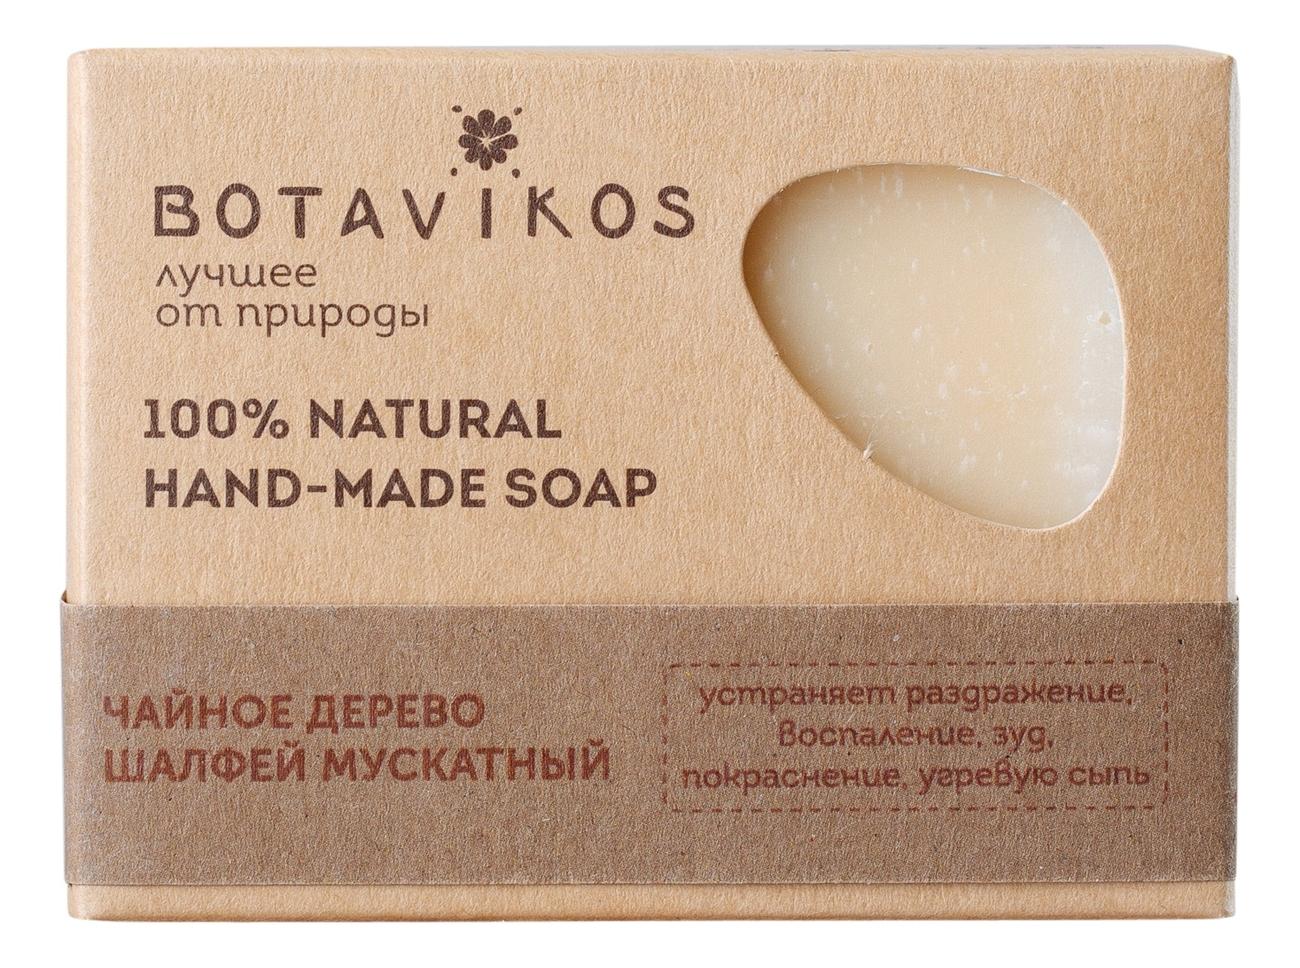 Натуральное мыло ручной работы 100% Natural Hand-Made Soap 100г (чайное дерево и шалфей мускатный)